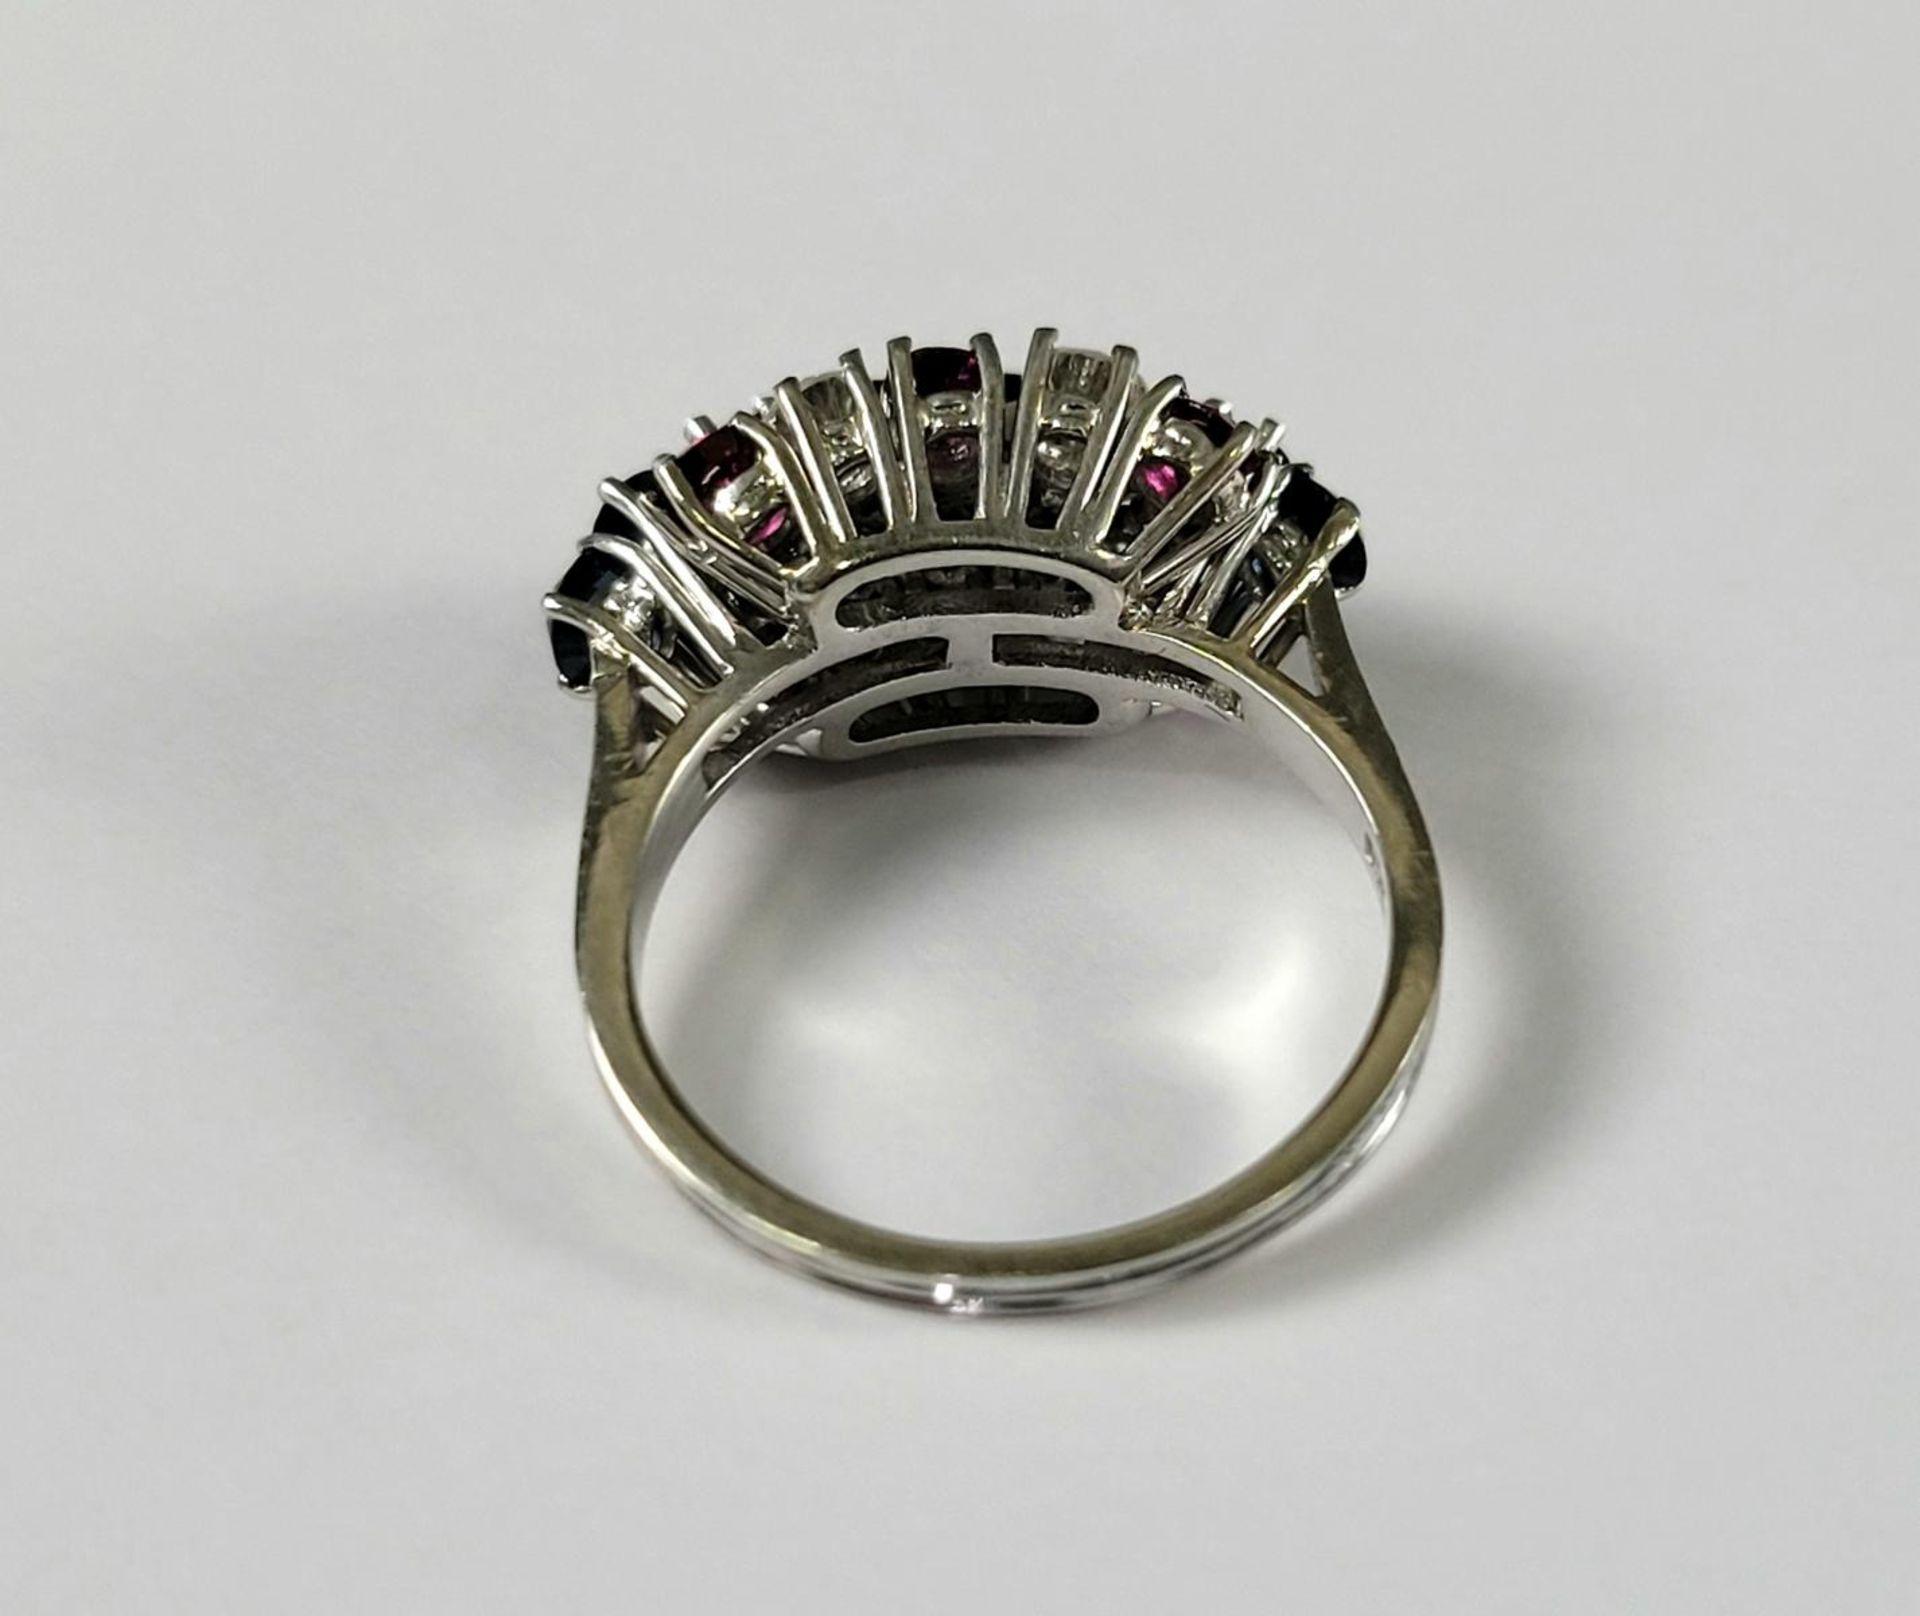 Damenring mit Saphiren, Diamanten und Rubinen, 18 Karat Weißgold - Bild 3 aus 4